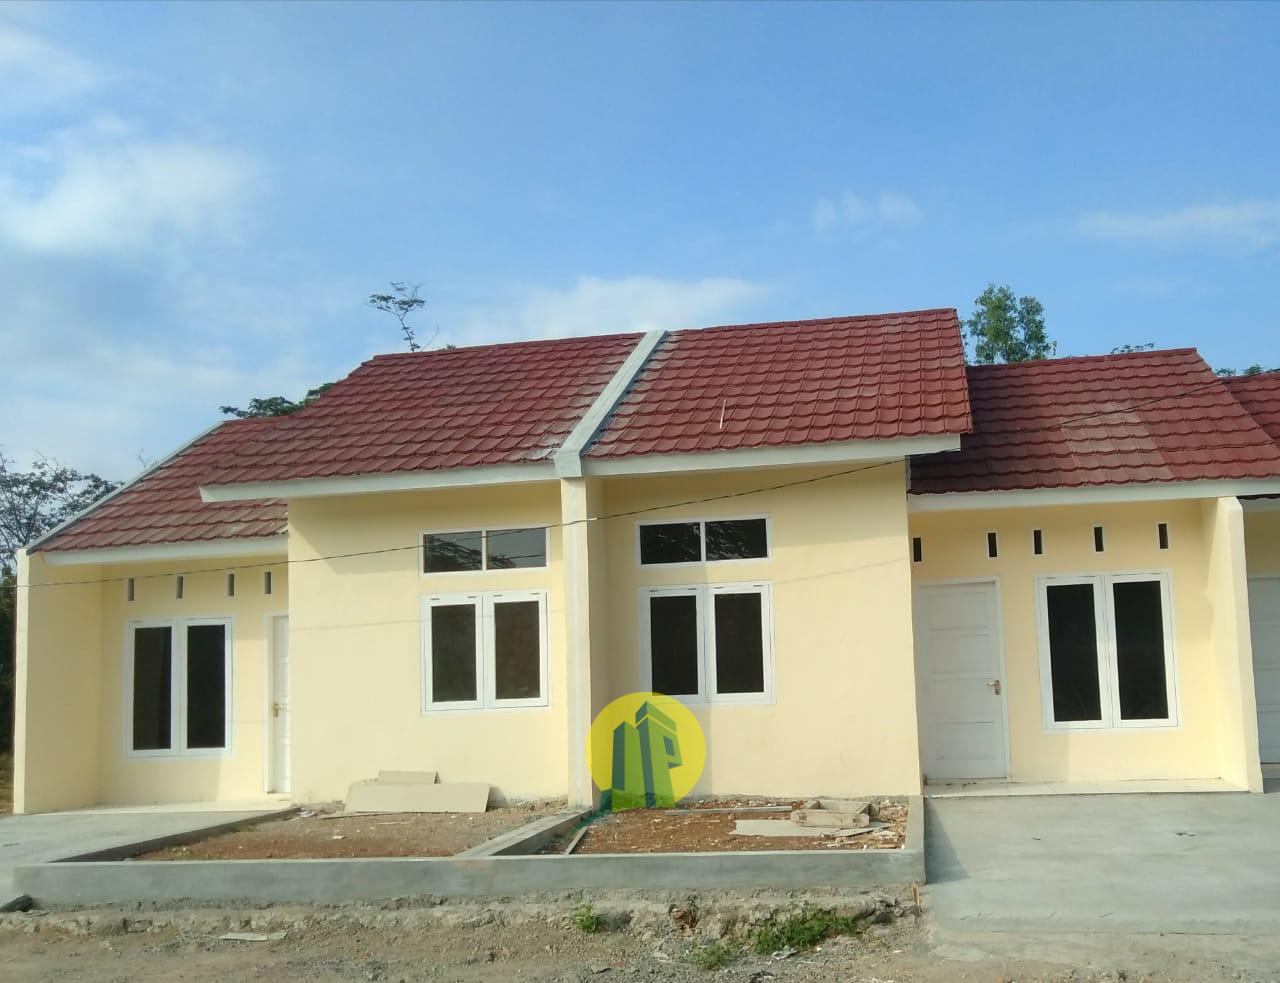 Rumah Subsidi Desain Minimalis Keren Berkualitas di Cigarukgak Kuningan